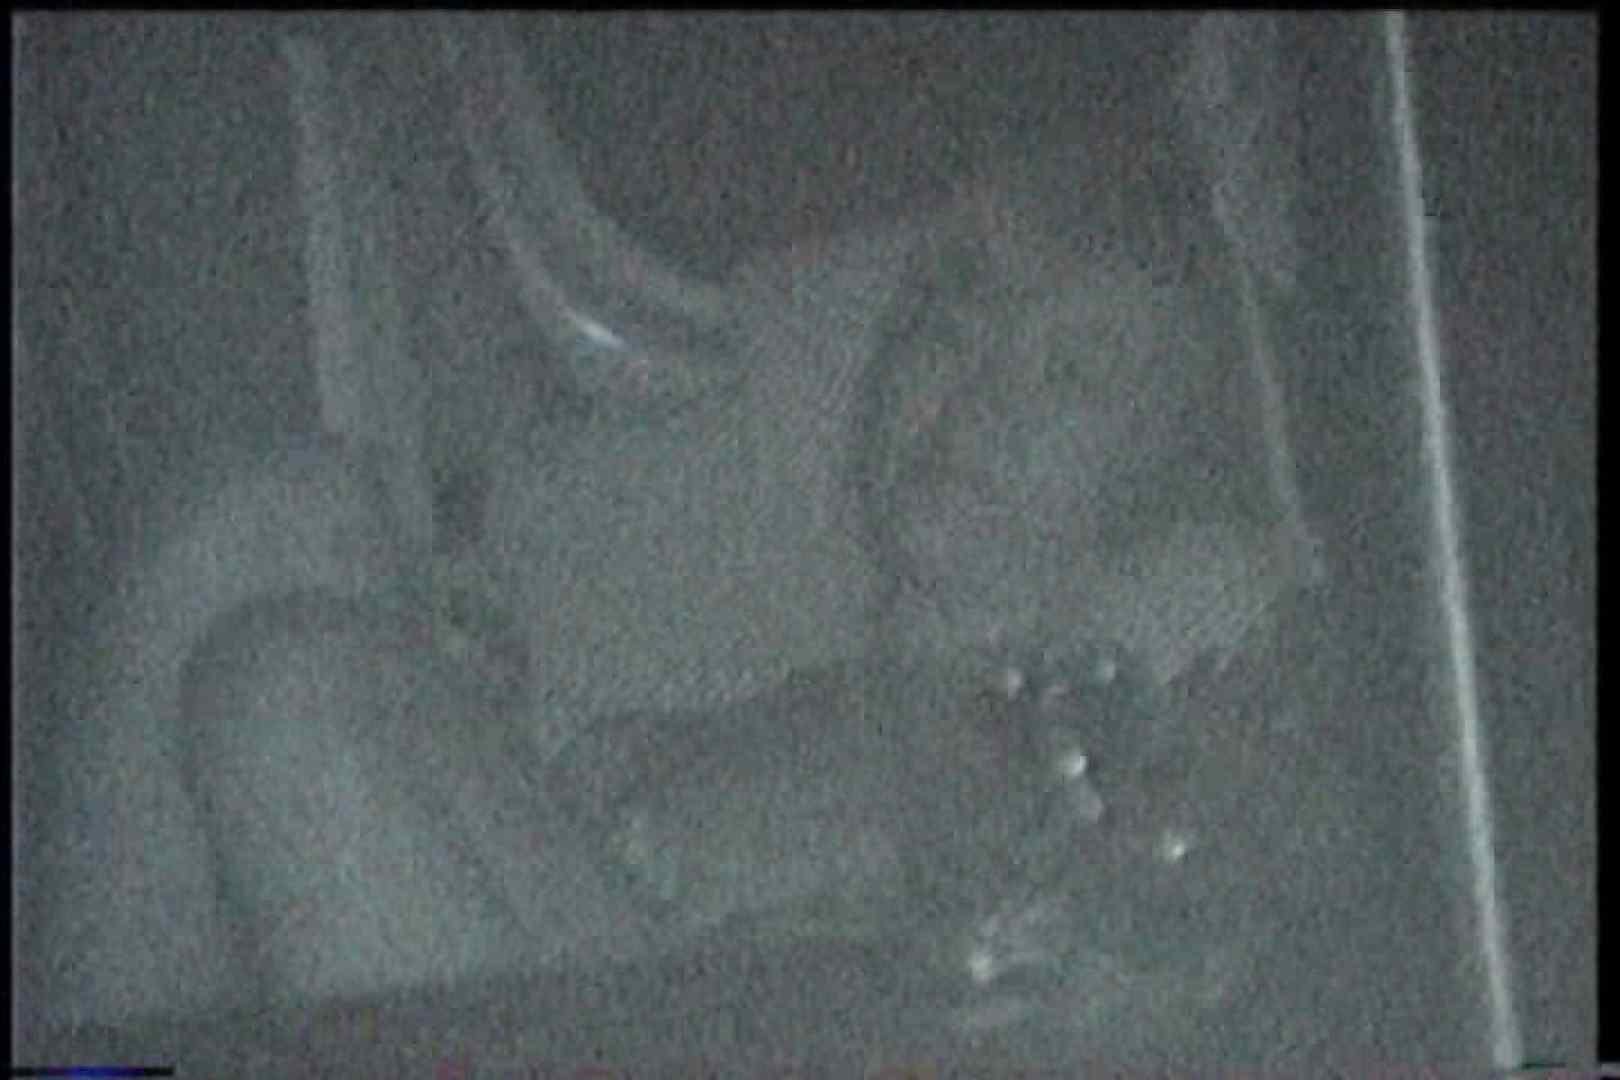 充血監督の深夜の運動会Vol.191 OLエロ画像  105PICs 20